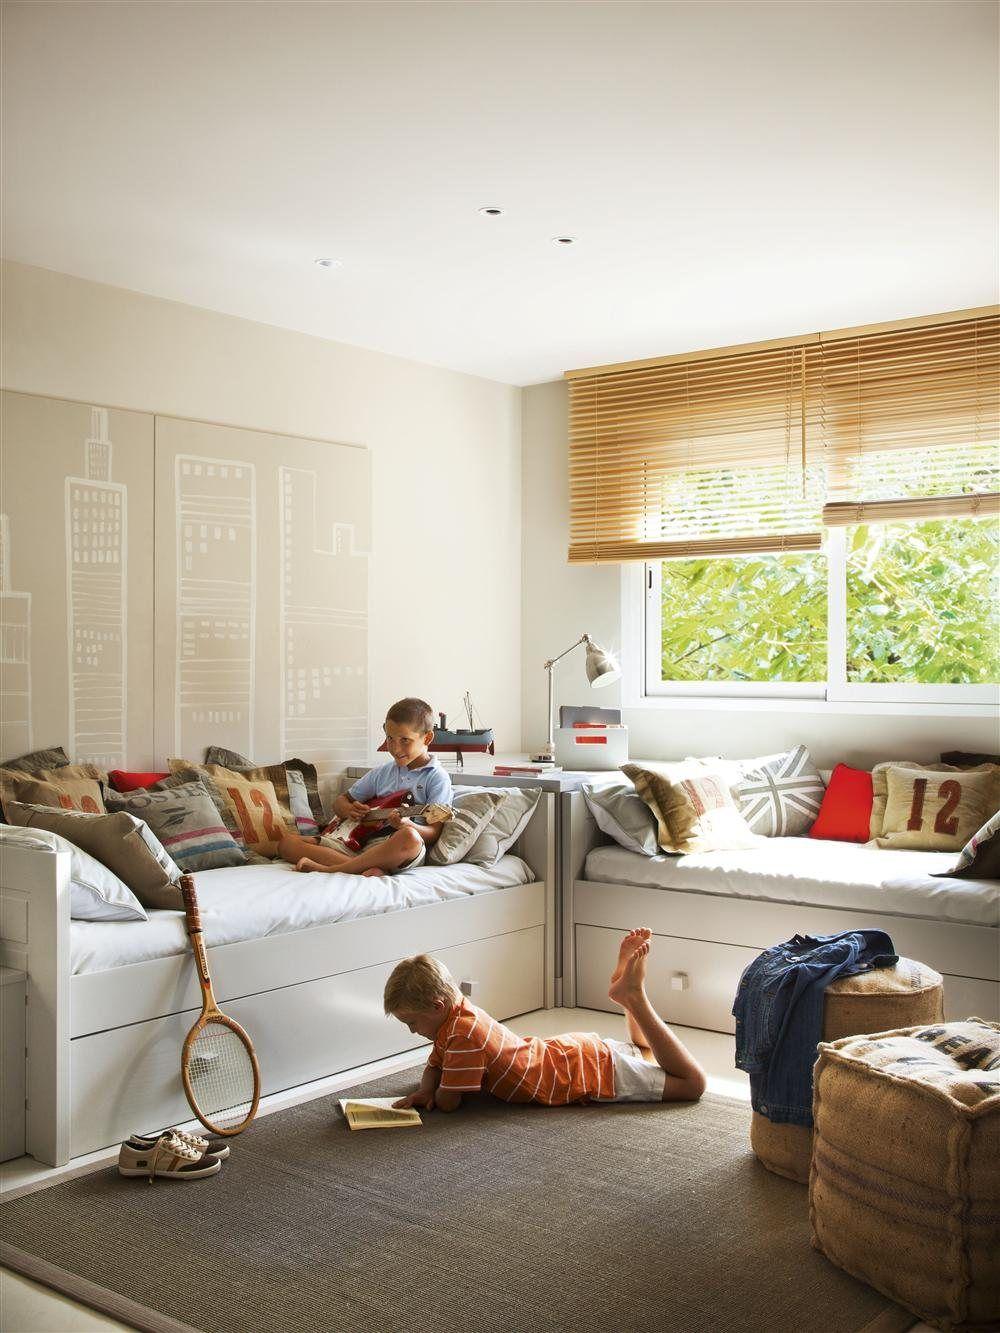 Una habitacin decorada con nmeros y letras  Dormitorio